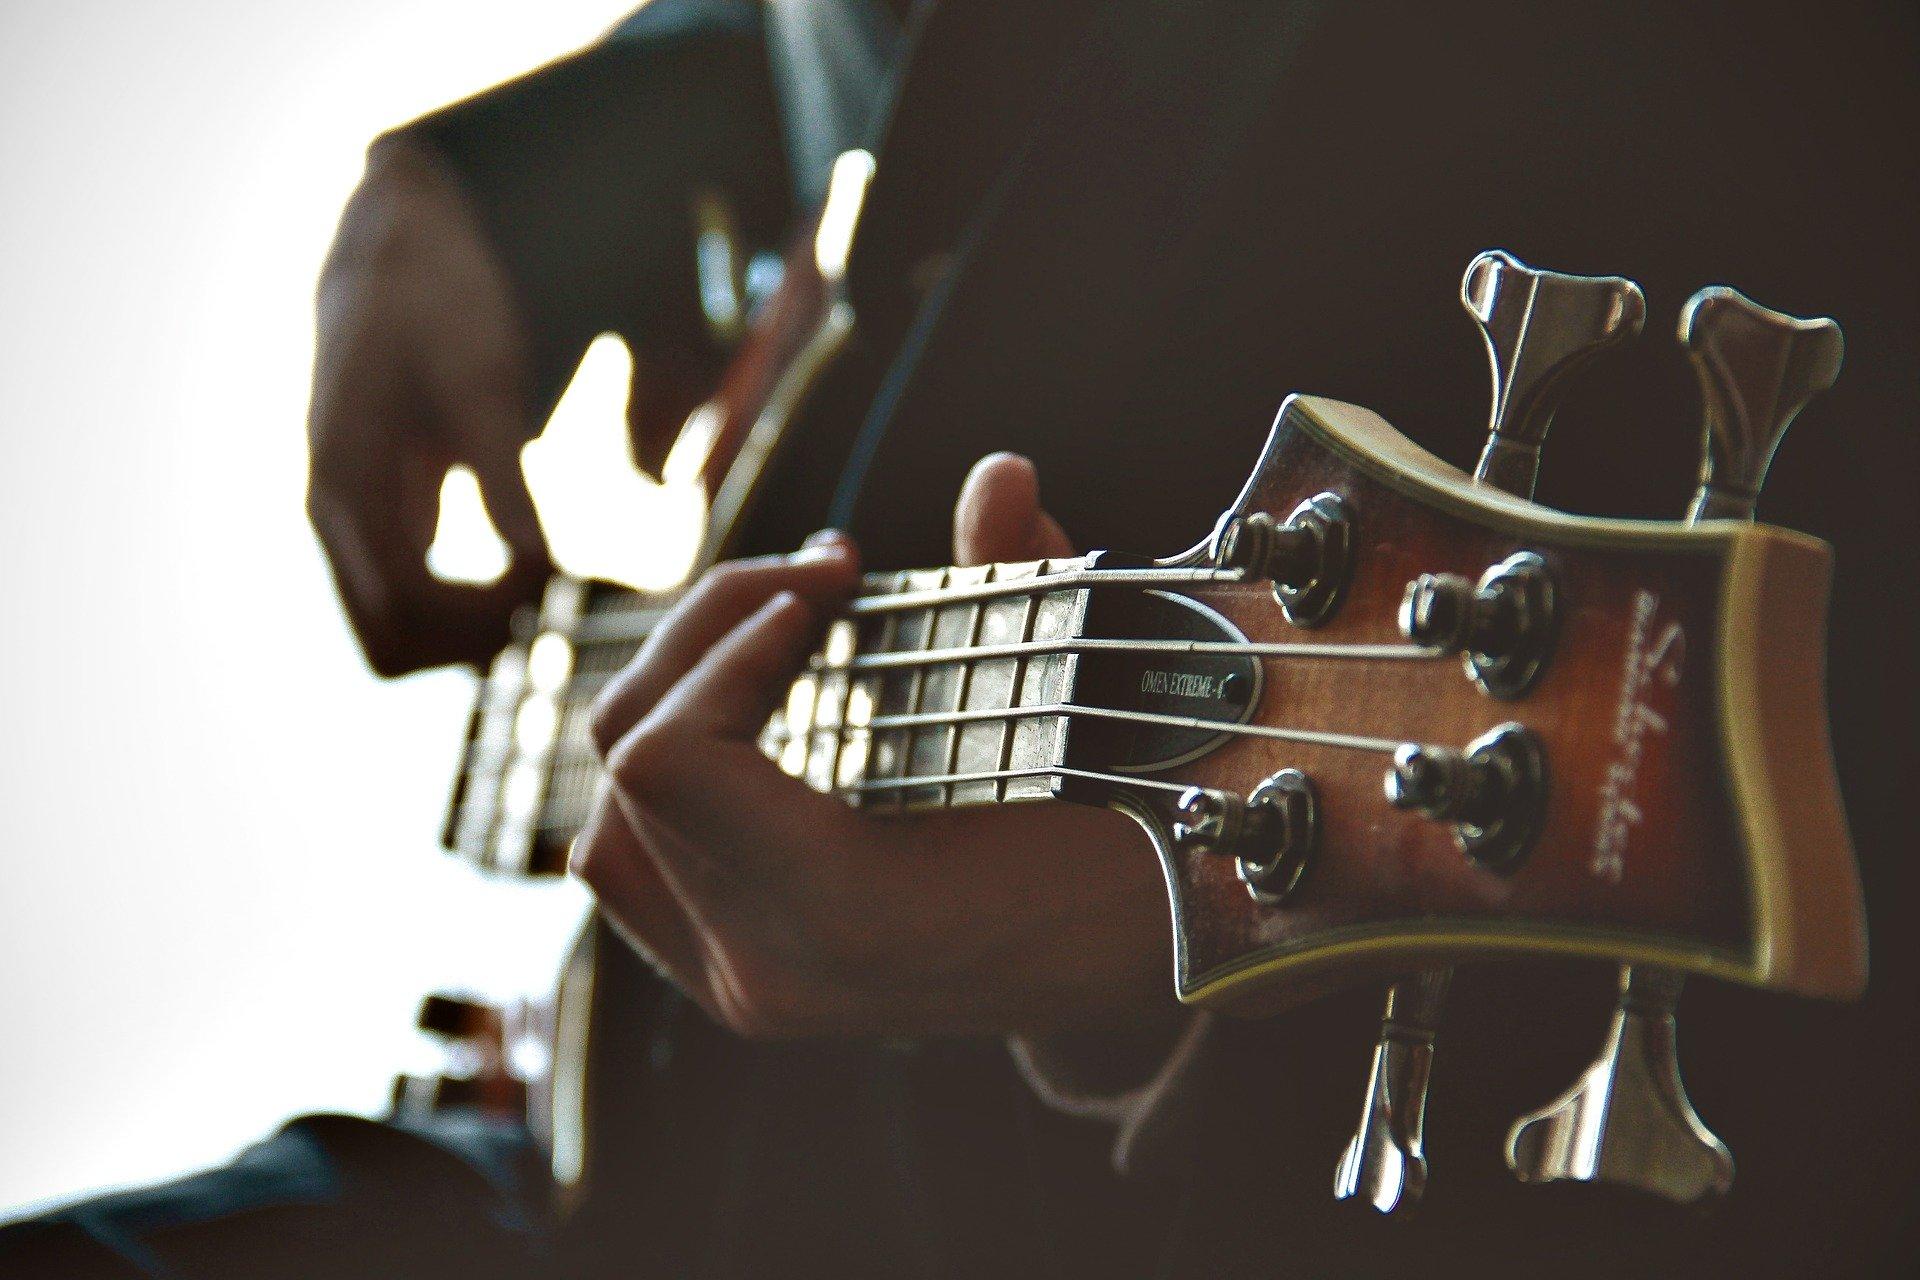 ベースギターを弾く人物の画像